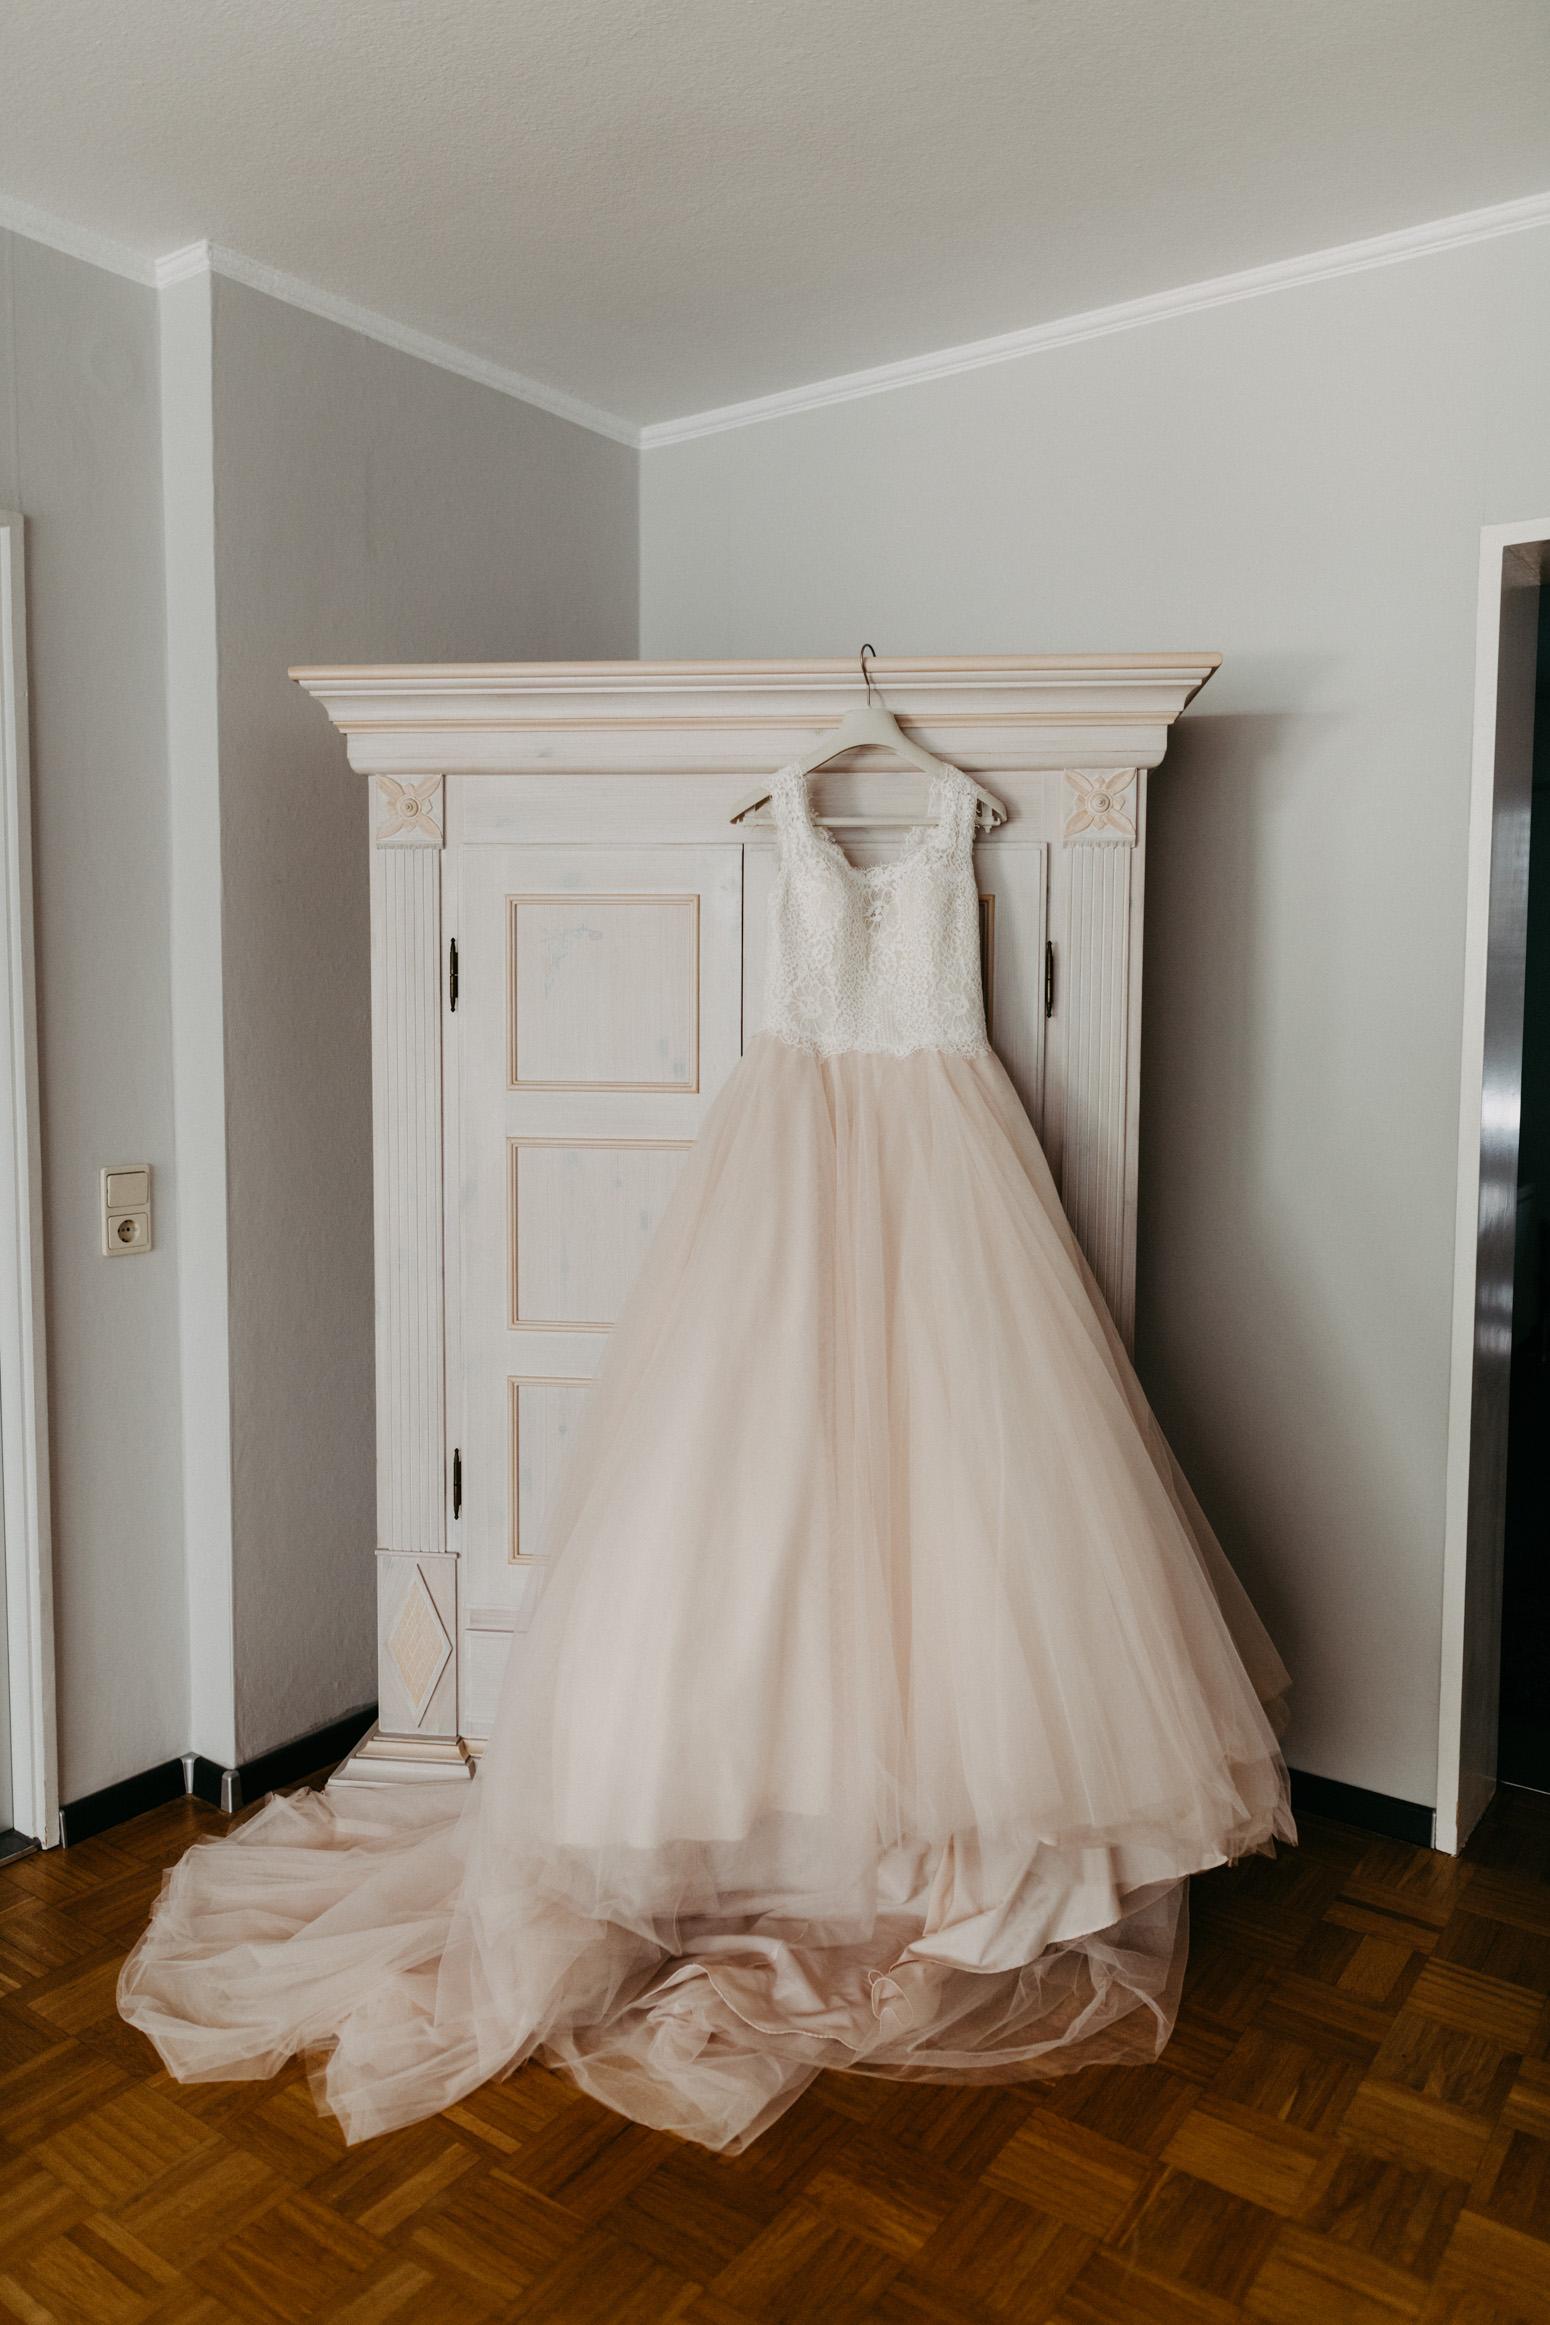 Ein Blush-Brautkleid hängt an einem antiken Schrank. Hochzeitsreportage von Daria Becker von Genuine Bonds aus Bonn